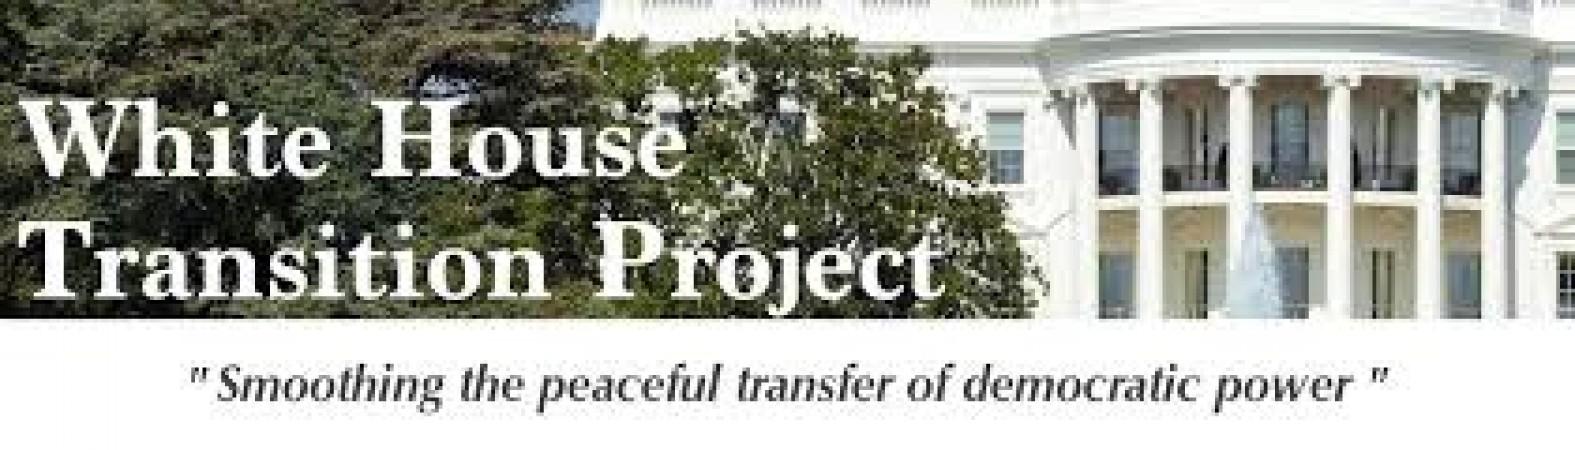 सत्ता परिवर्तन के लिए पूरी तरह से तैयार है व्हाइट हाउस